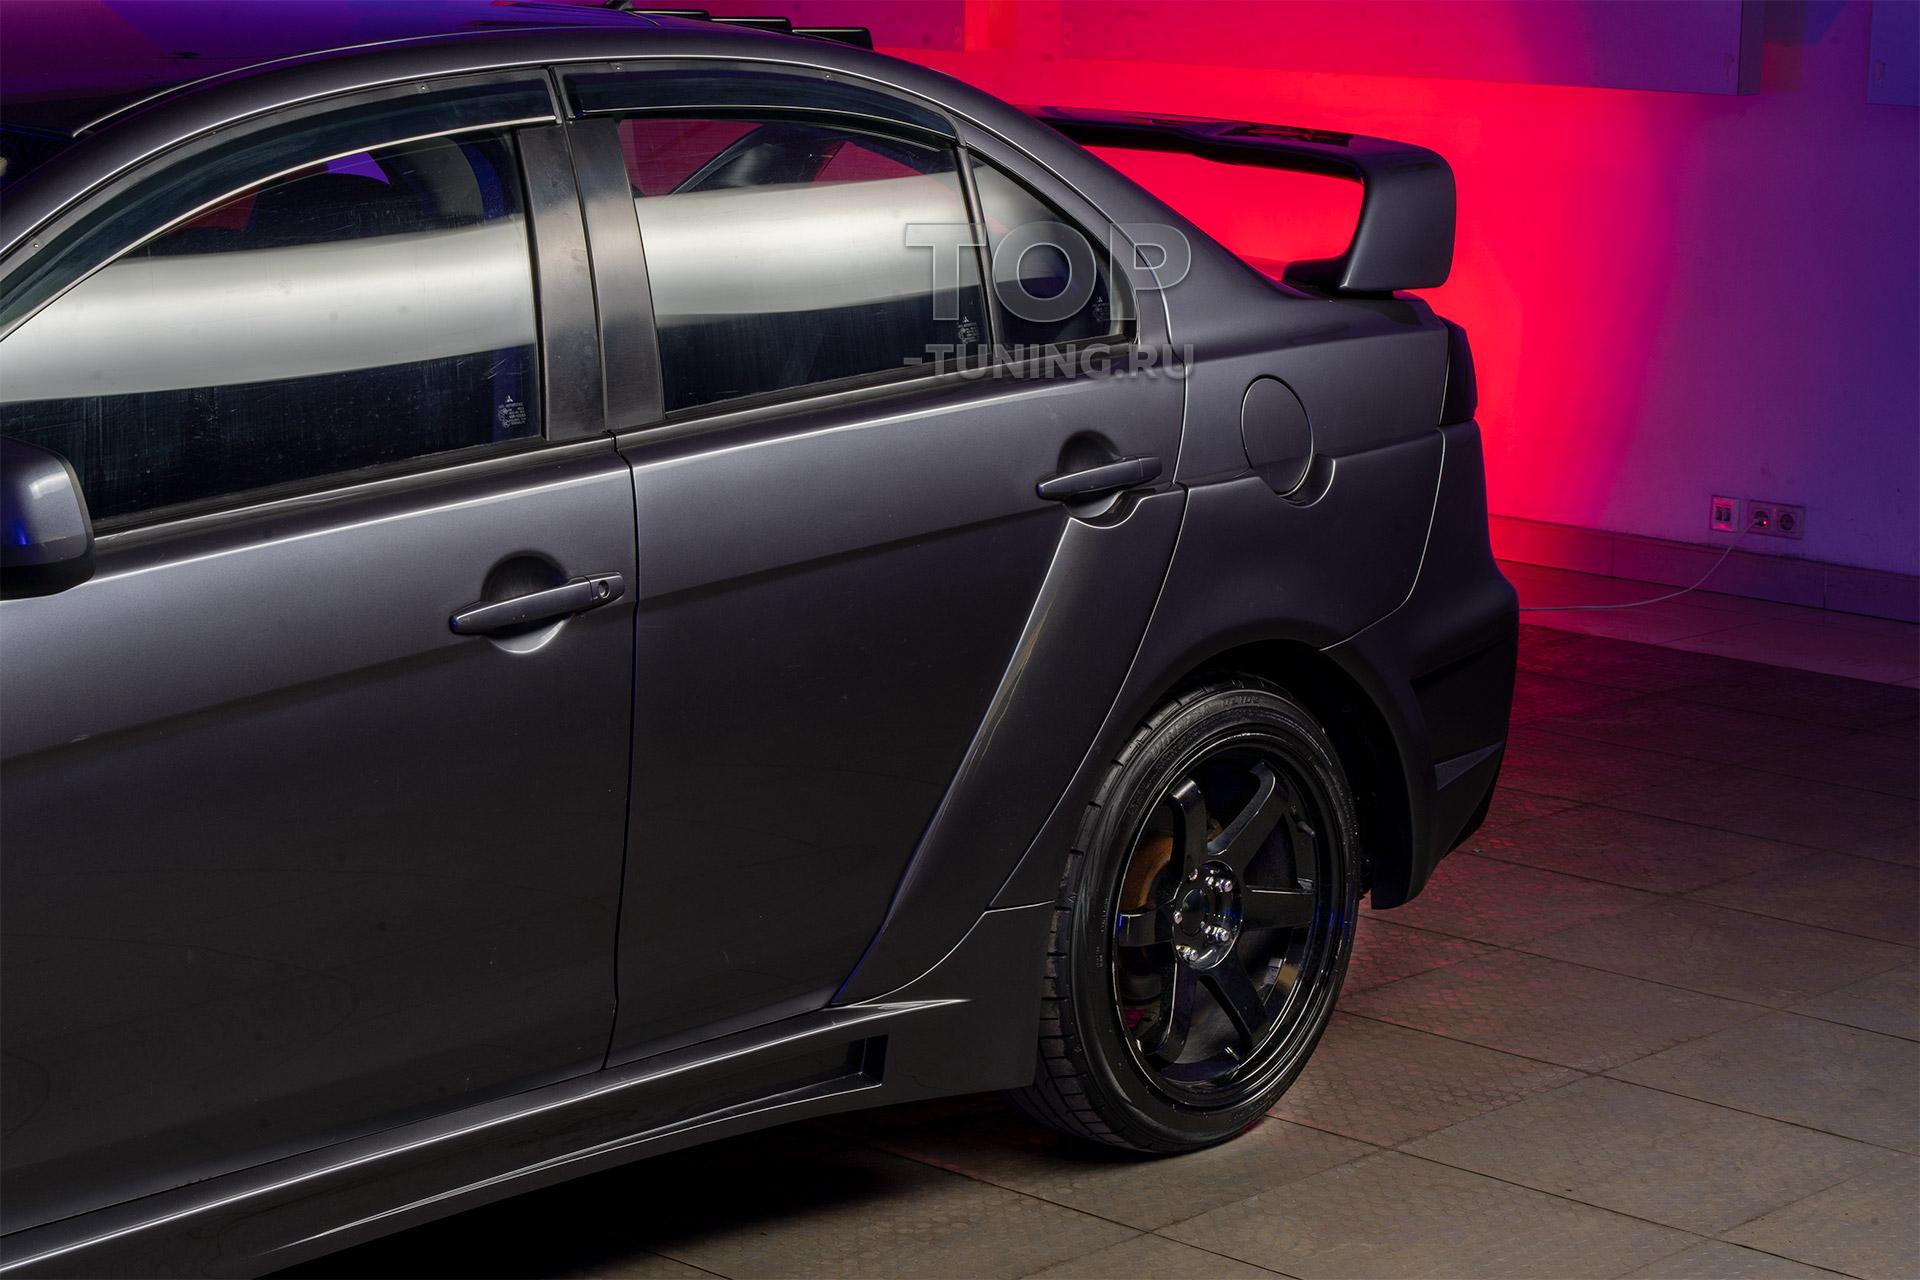 9880 Заднее расширение кузова Accolade GT400 для Mitsubishi Lancer 10